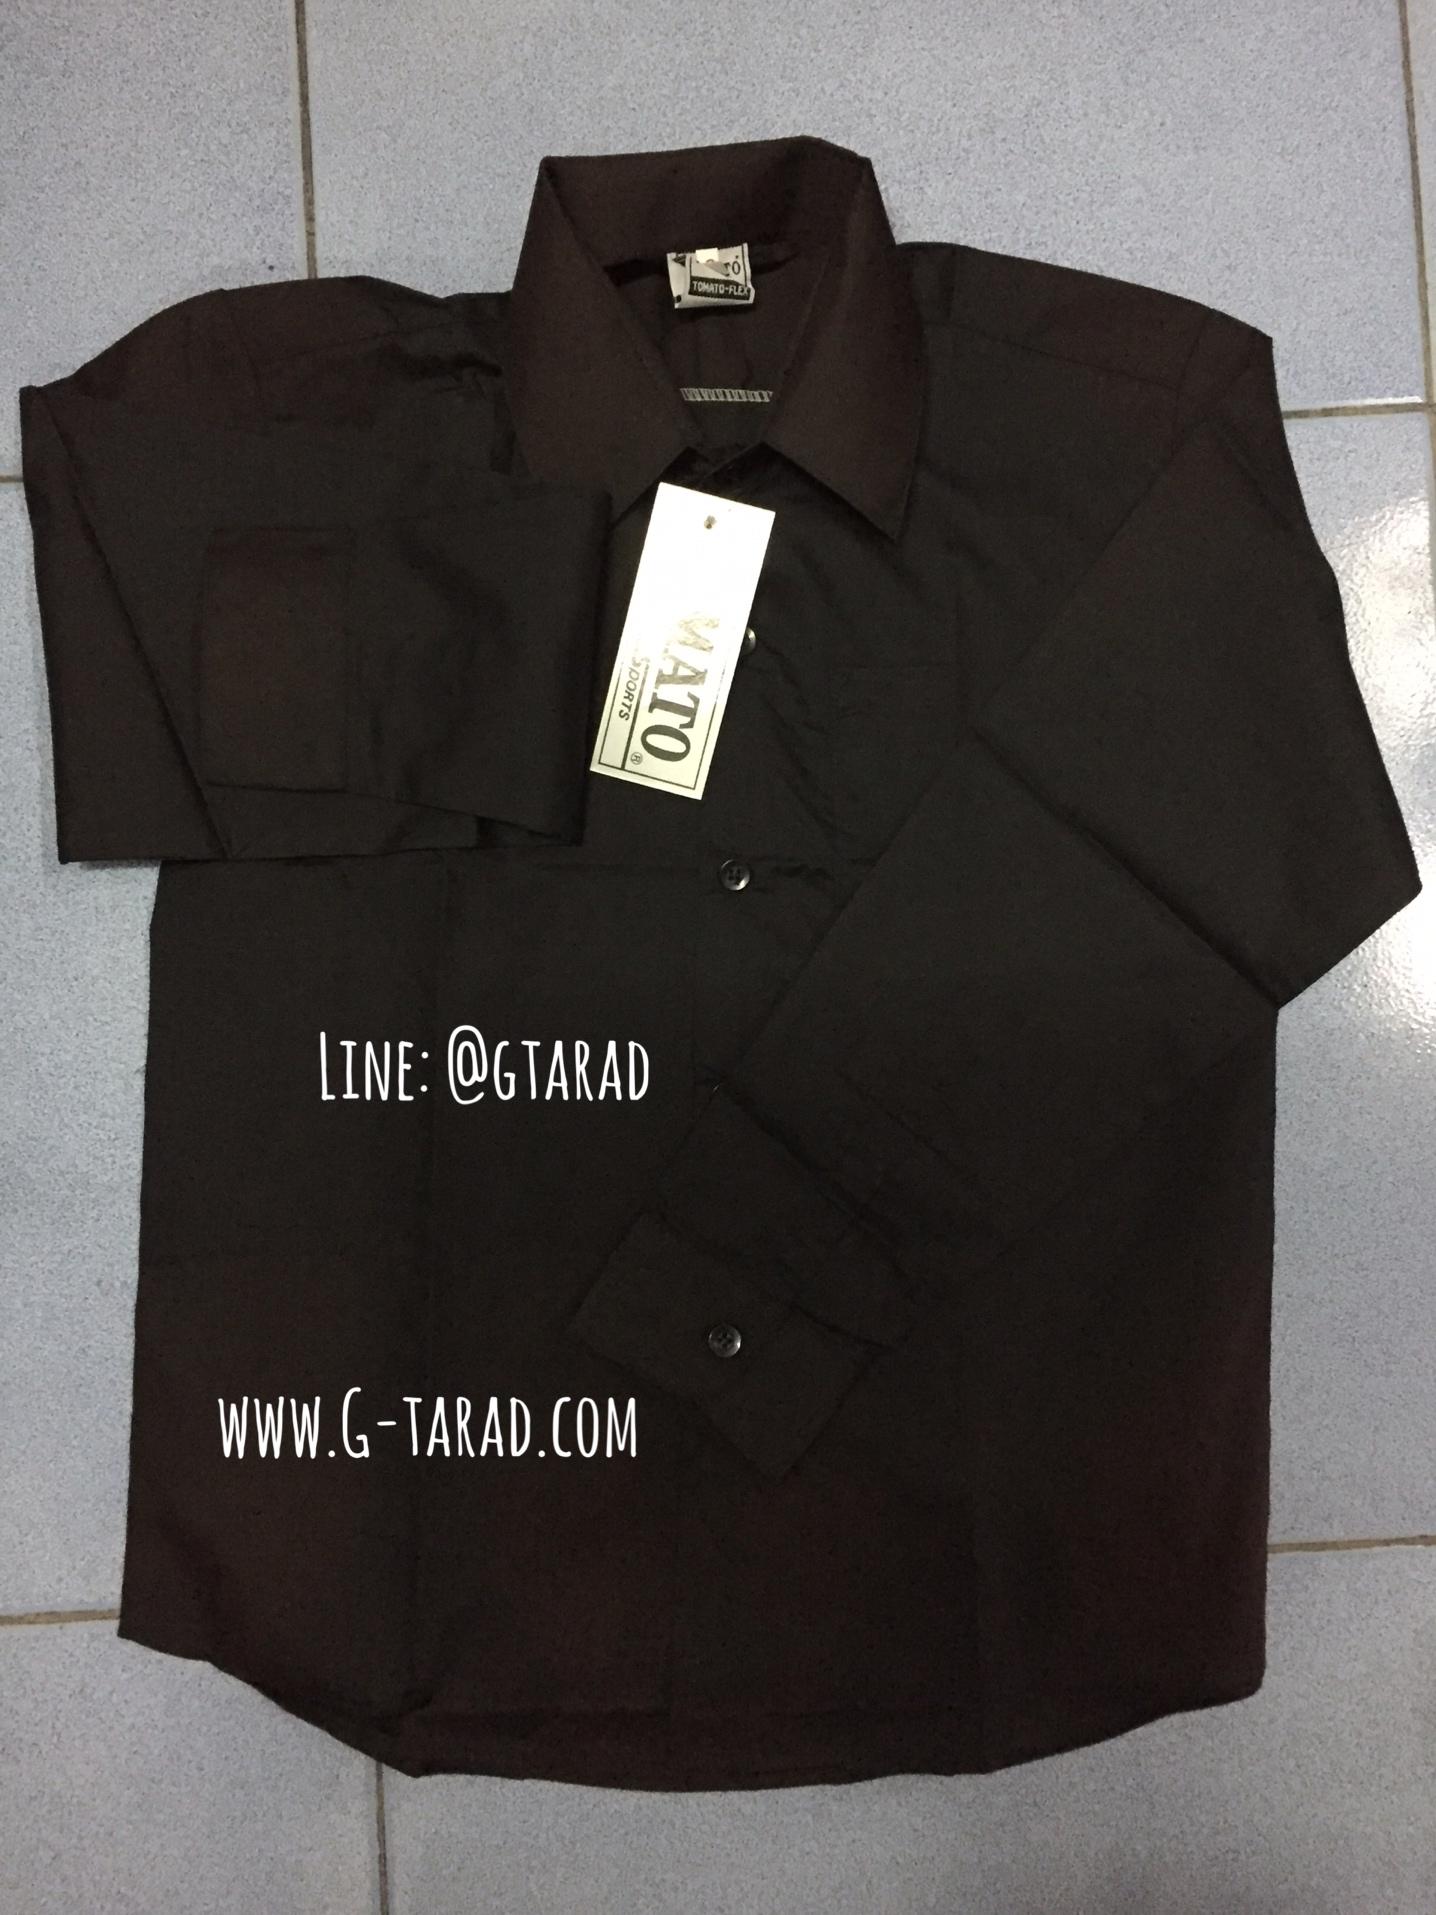 เสื้อเชิ๊ตแขนยาว สีดำ เด็ก